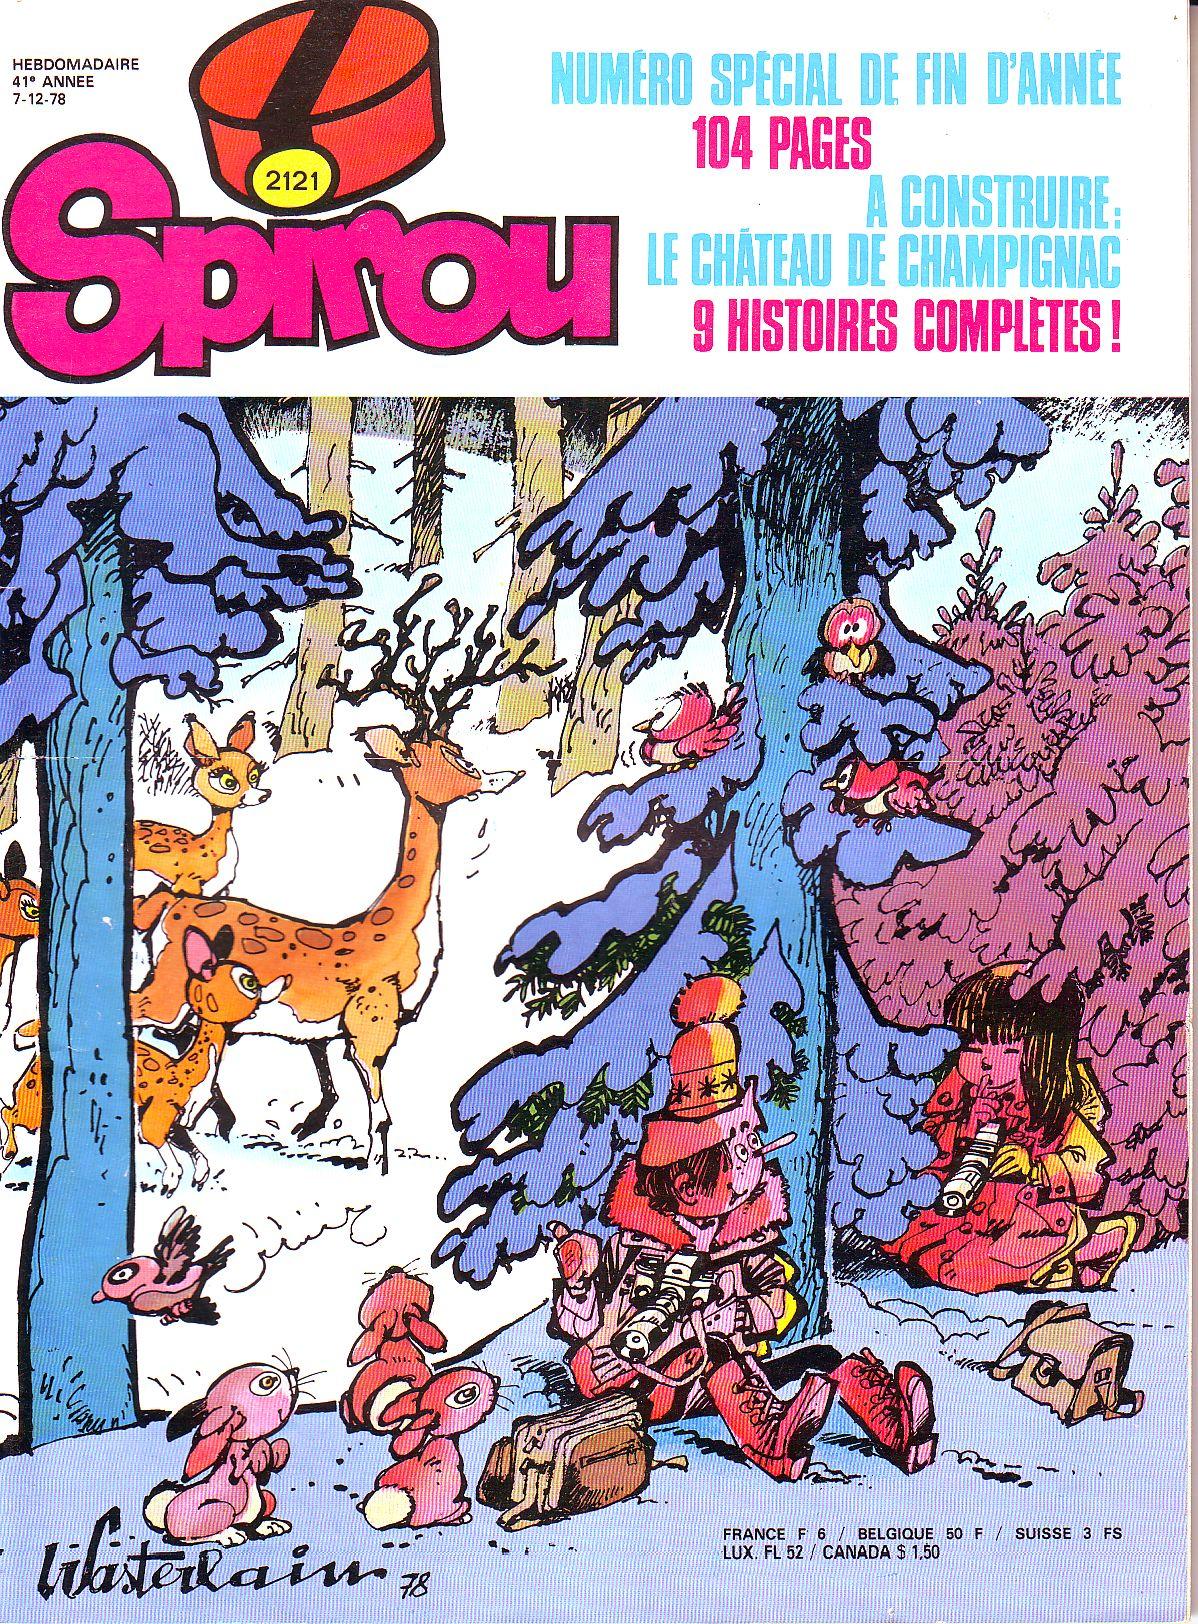 Le journal de Spirou 2121